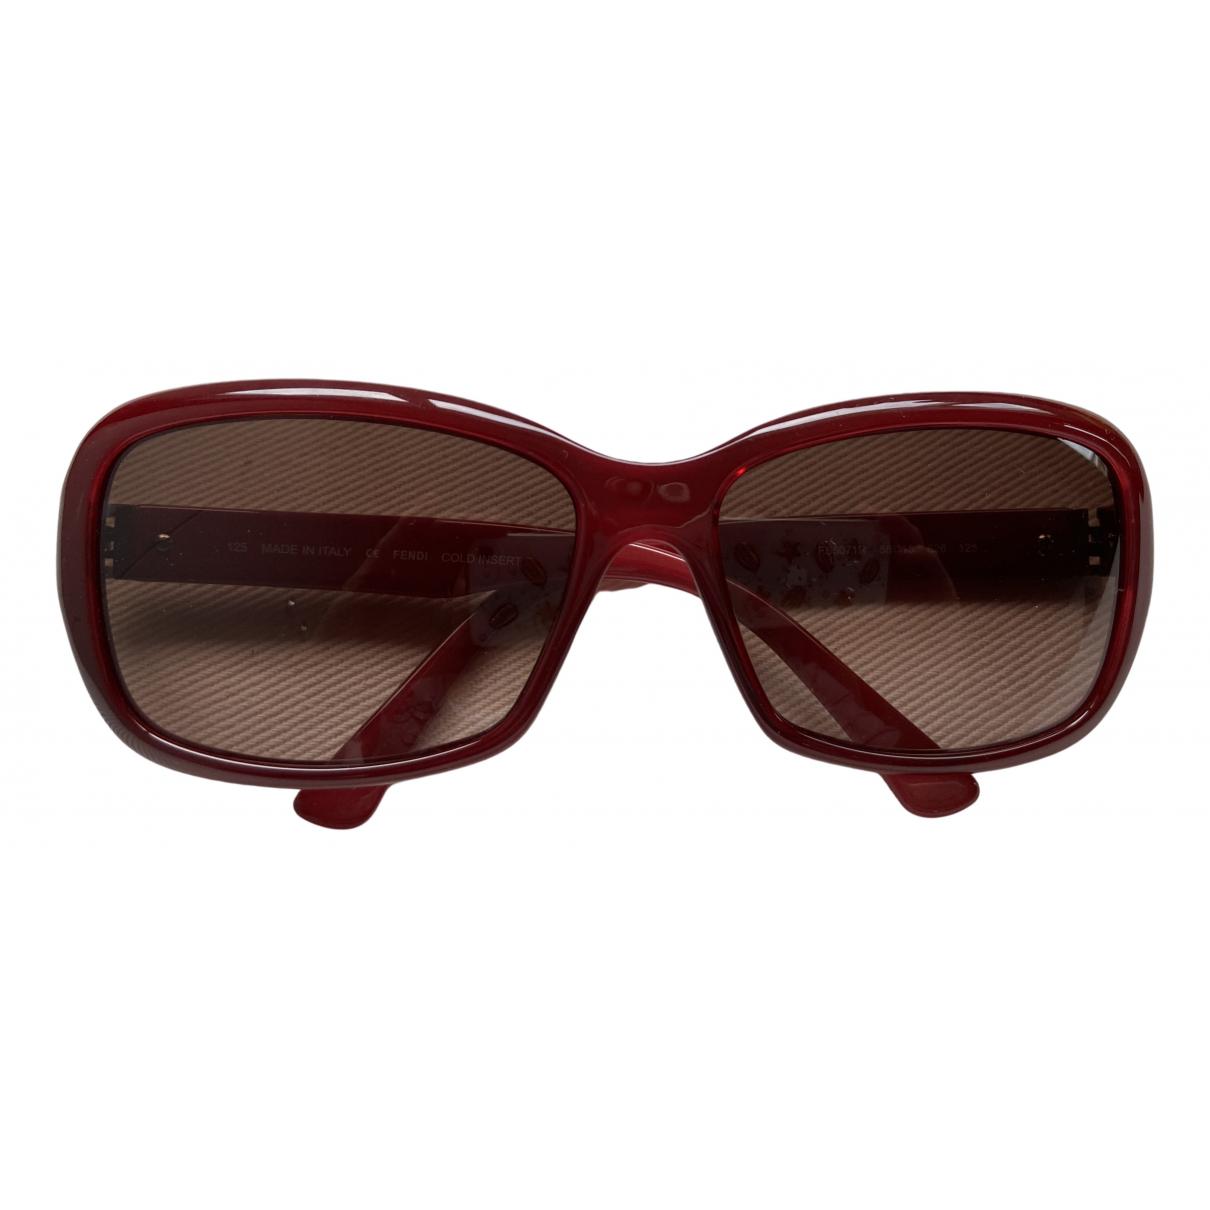 Fendi - Lunettes   pour femme - rouge